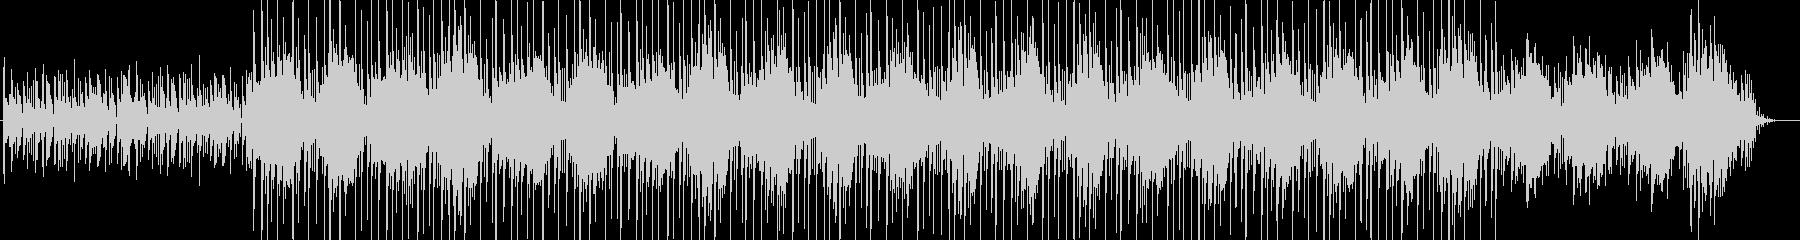 リラックス・映像・解説・ナレーション用の未再生の波形